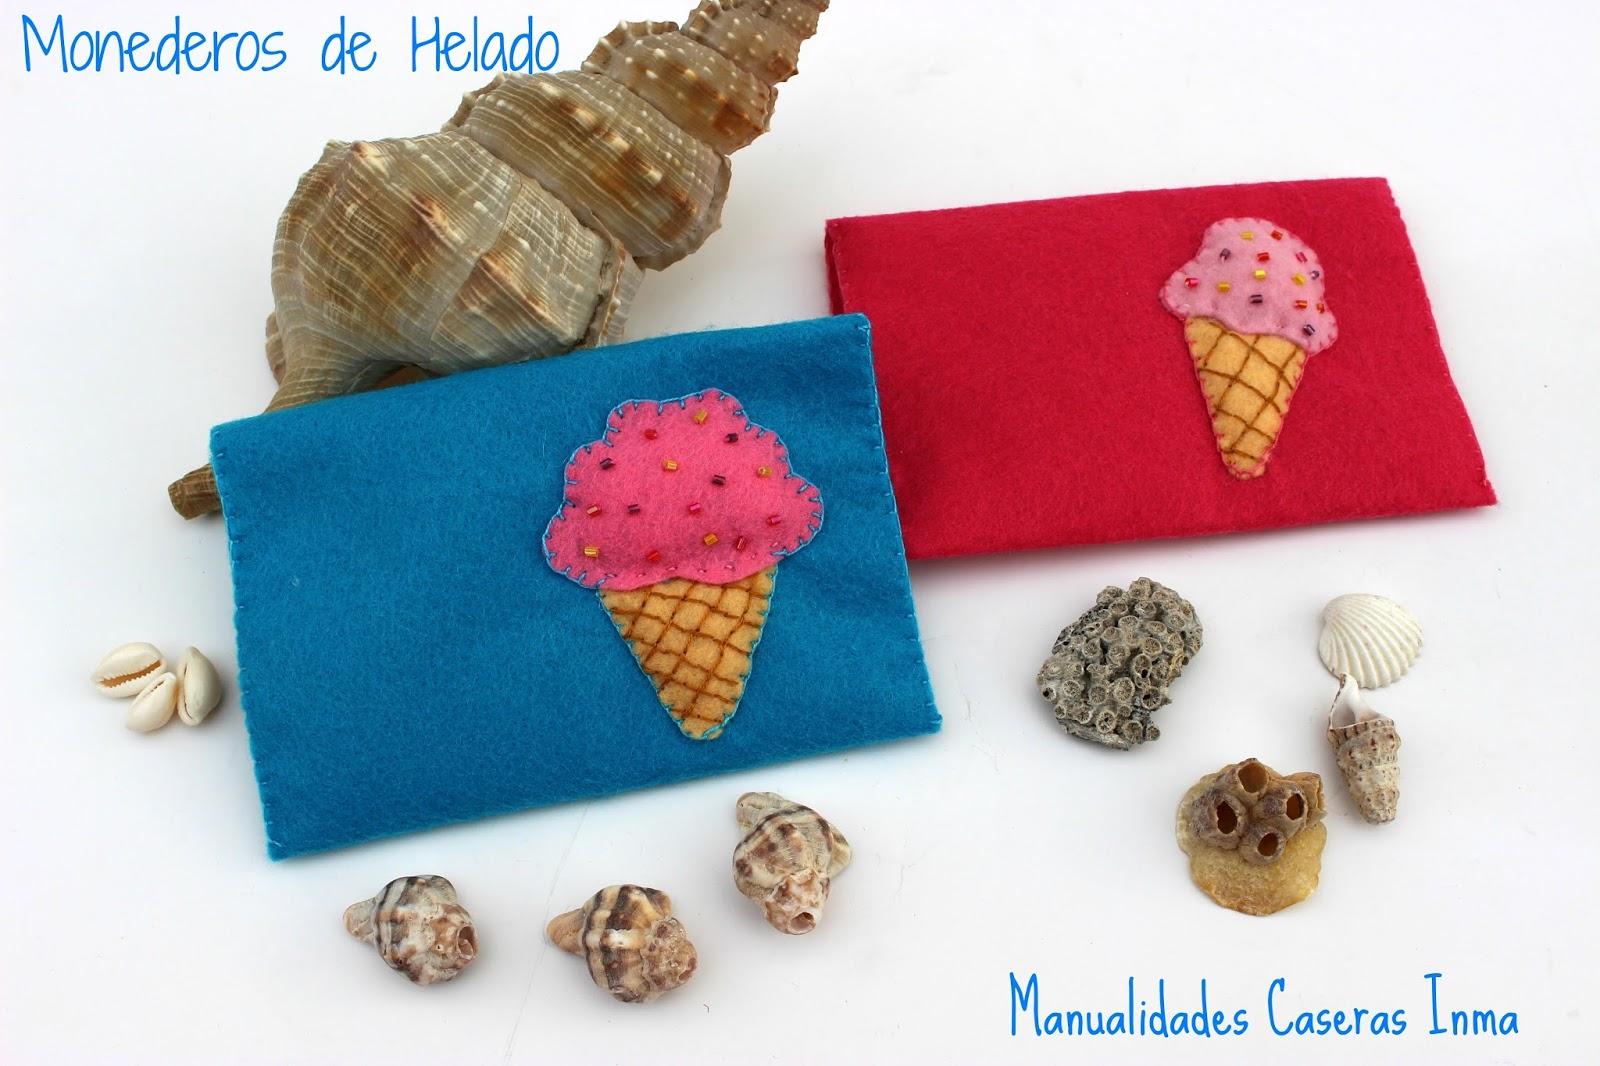 Monedero helado de fieltro manualidades caseras inma for Manualidades caseras para regalar